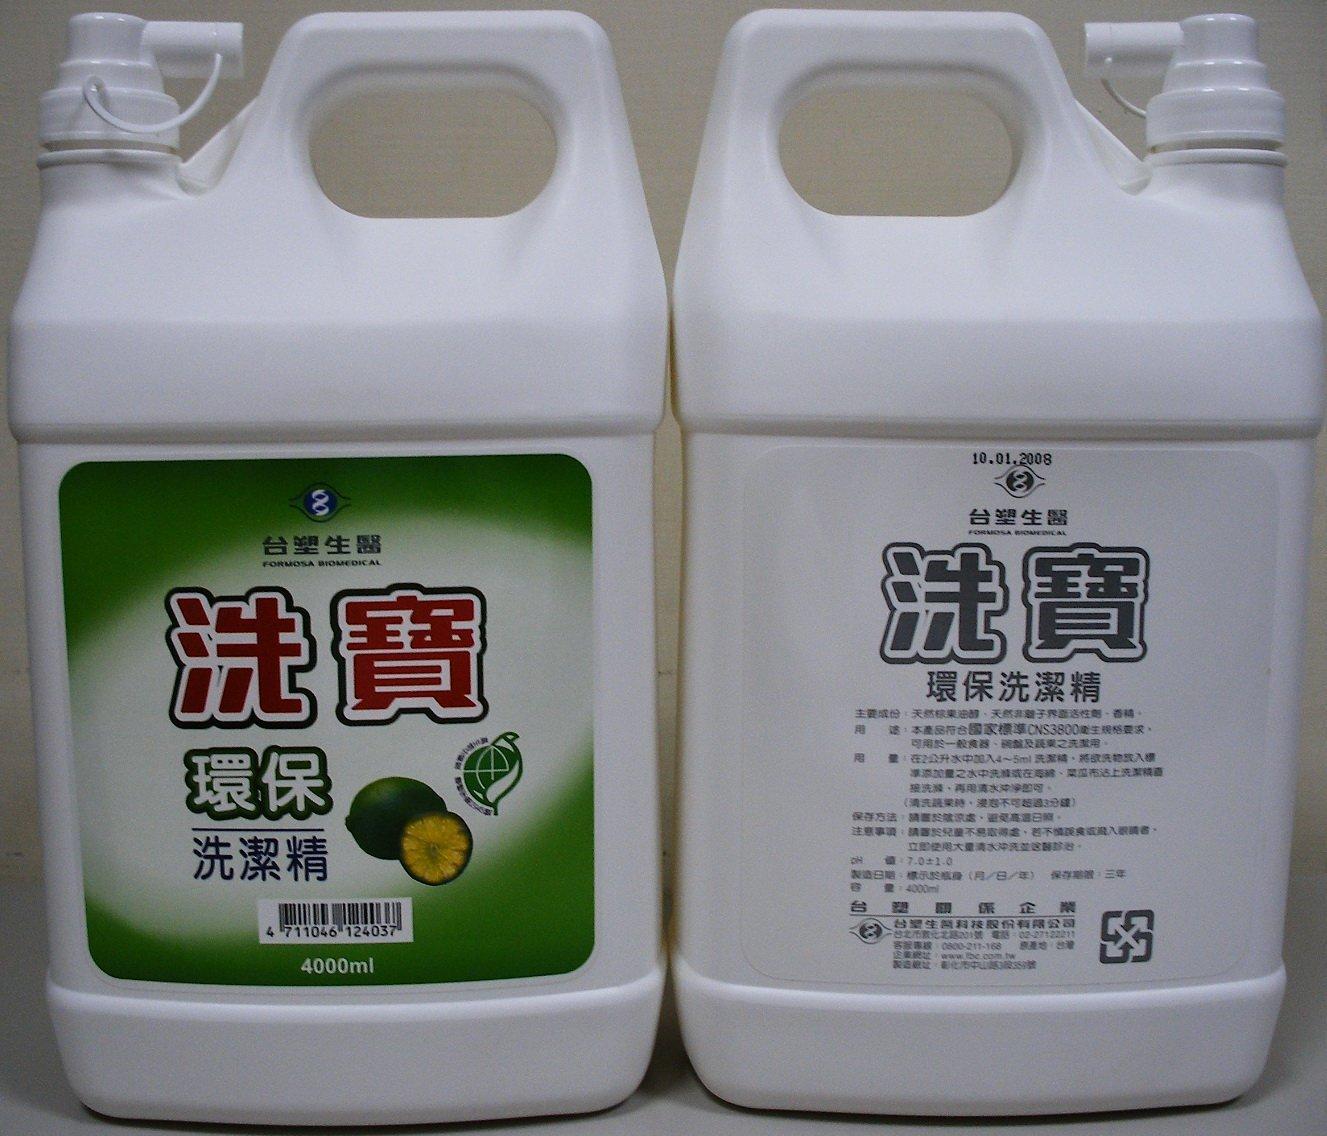 【購購購】台塑生醫 洗寶環保標章洗潔精4kg*4瓶 / 箱購 1